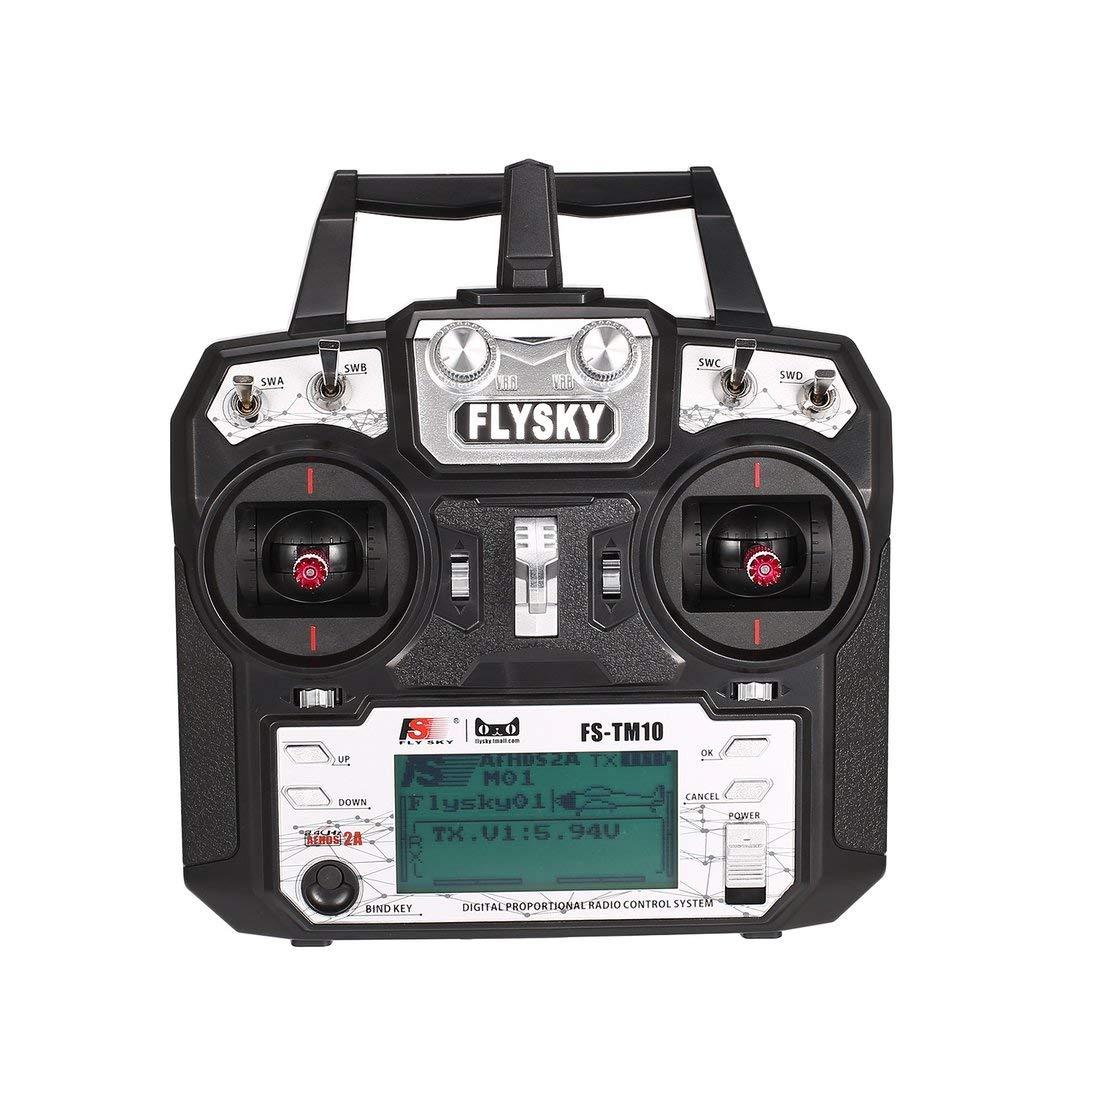 grandes precios de descuento Lordpoll-ES Flysky FS-TM10 FS-i6X FS-i6X FS-i6X 10CH 2.4GHz AFHDS RC Transmisor Modelo de Radio Sistema de Control Remoto con Receptor FS-IA10B  Centro comercial profesional integrado en línea.